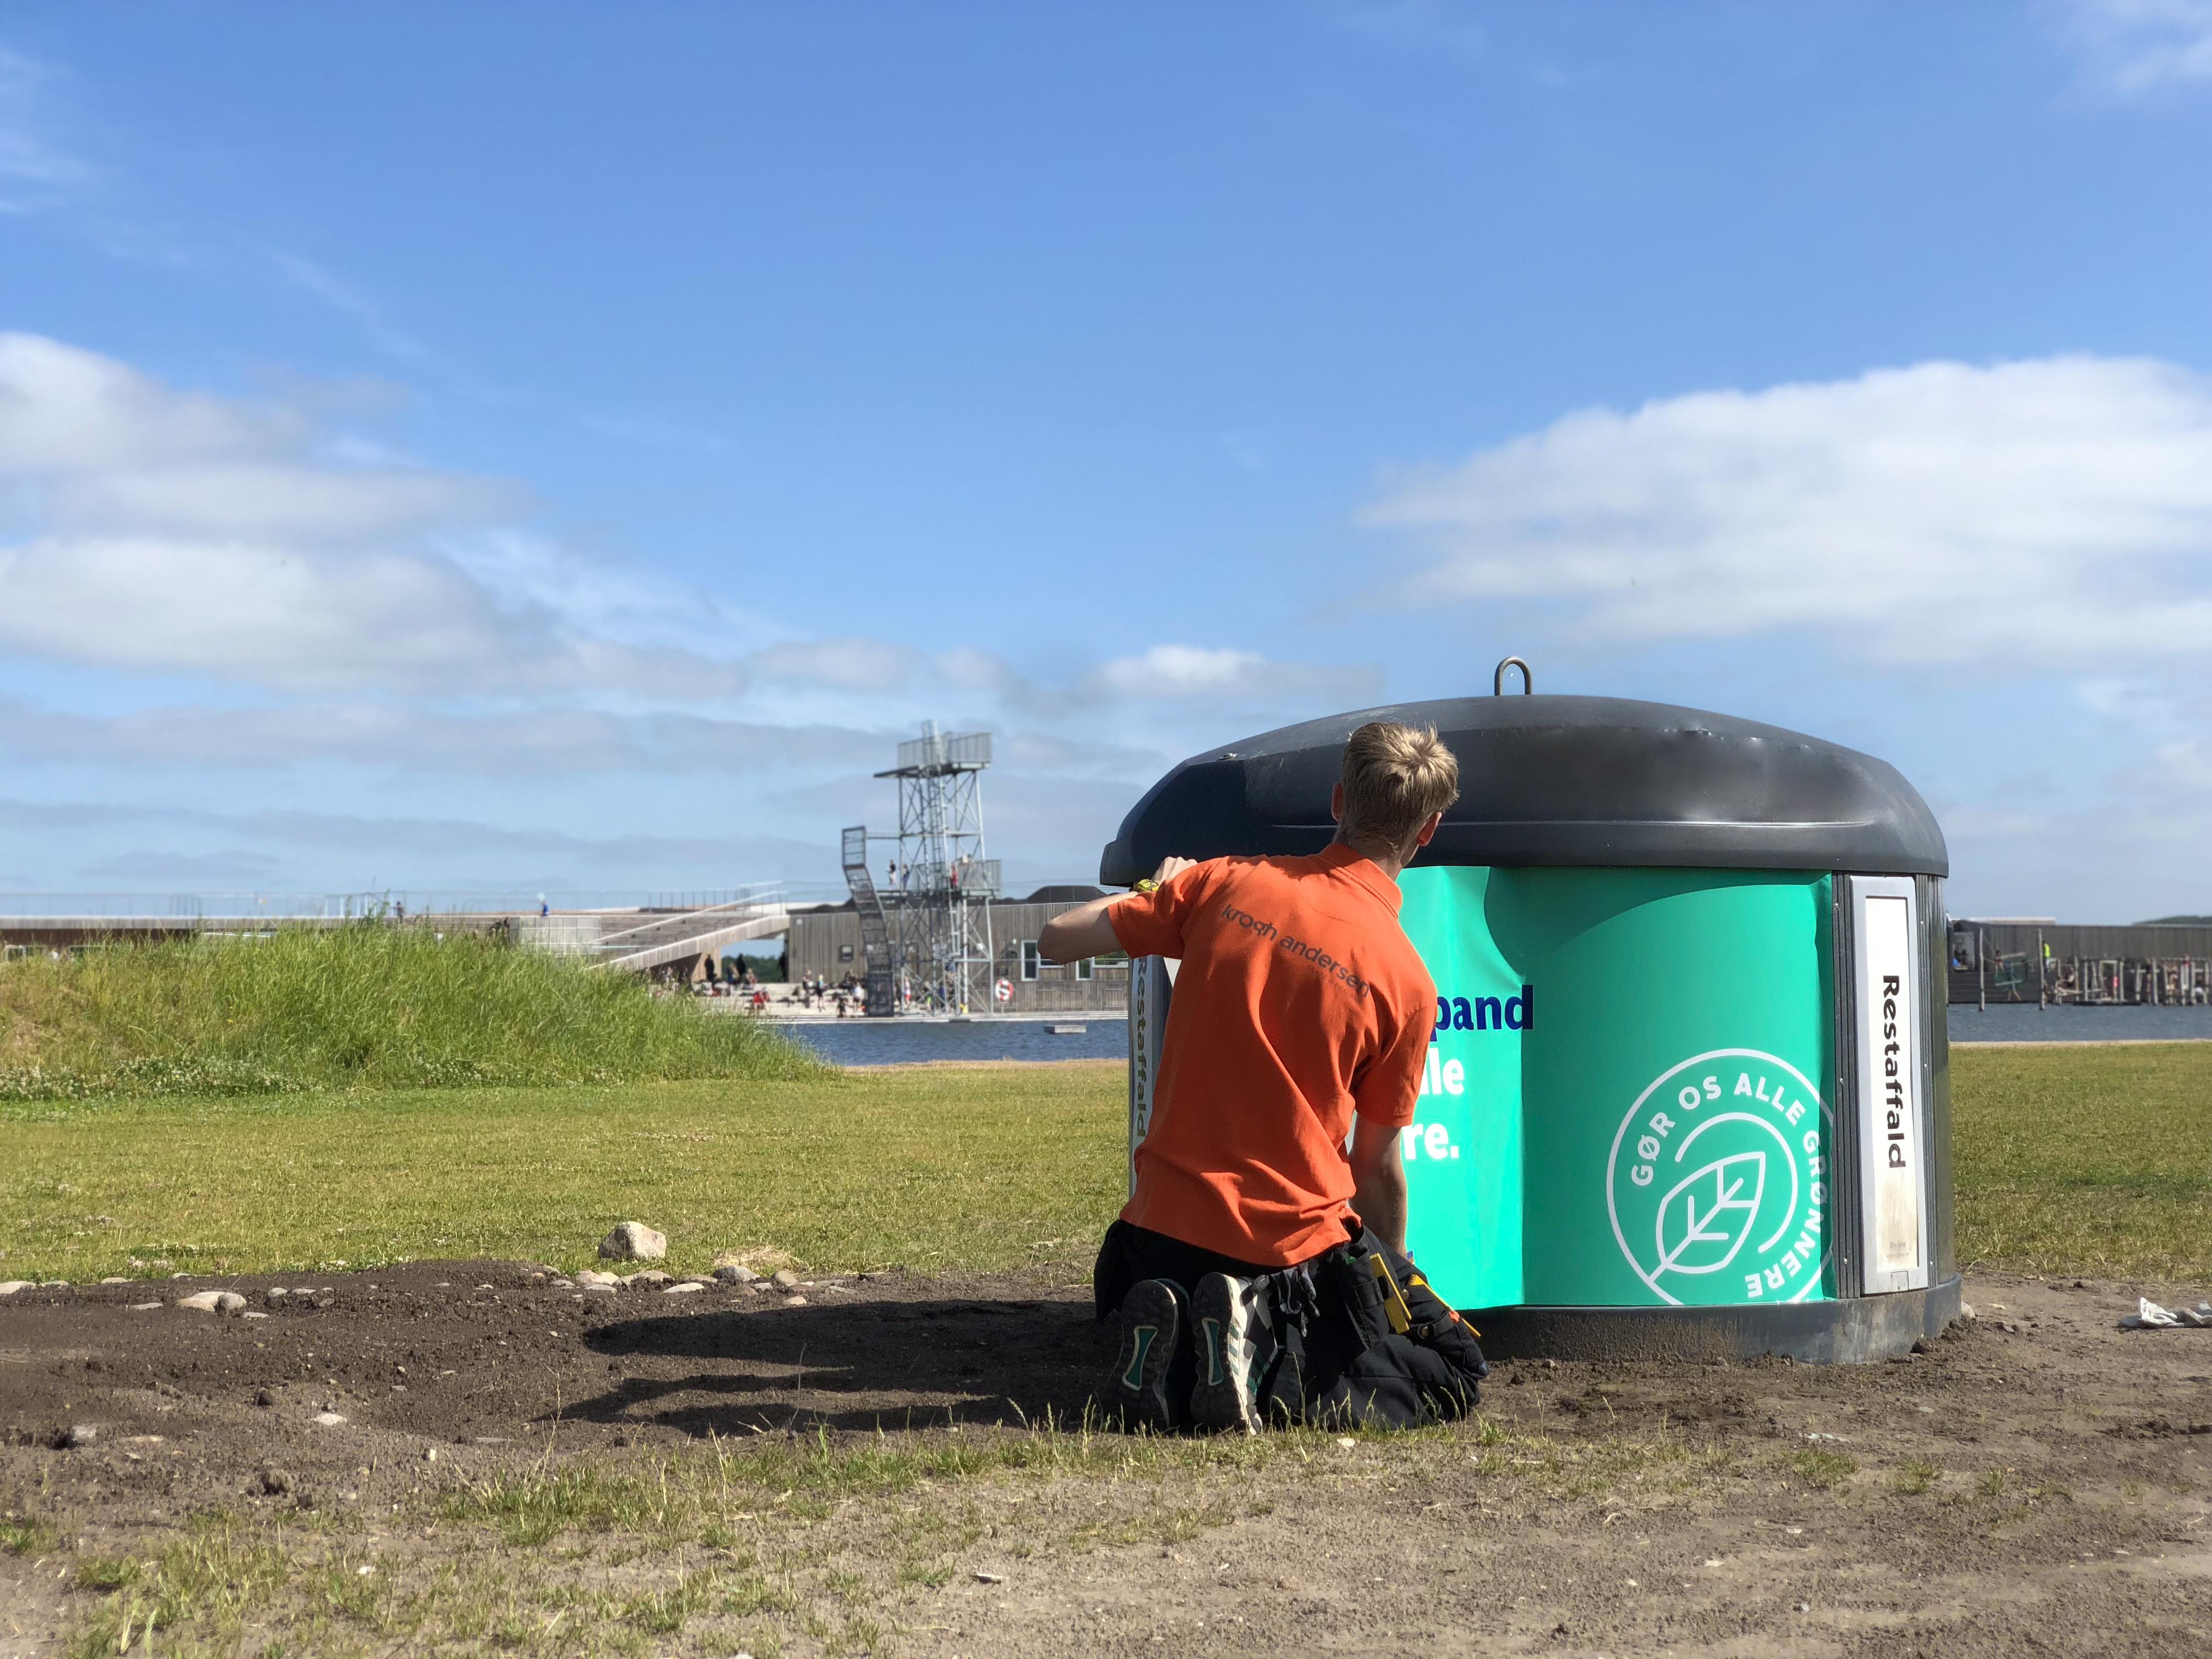 Nyt tiltag i Vestre Fjordpark: Derfor står der beachflag ved skraldespande